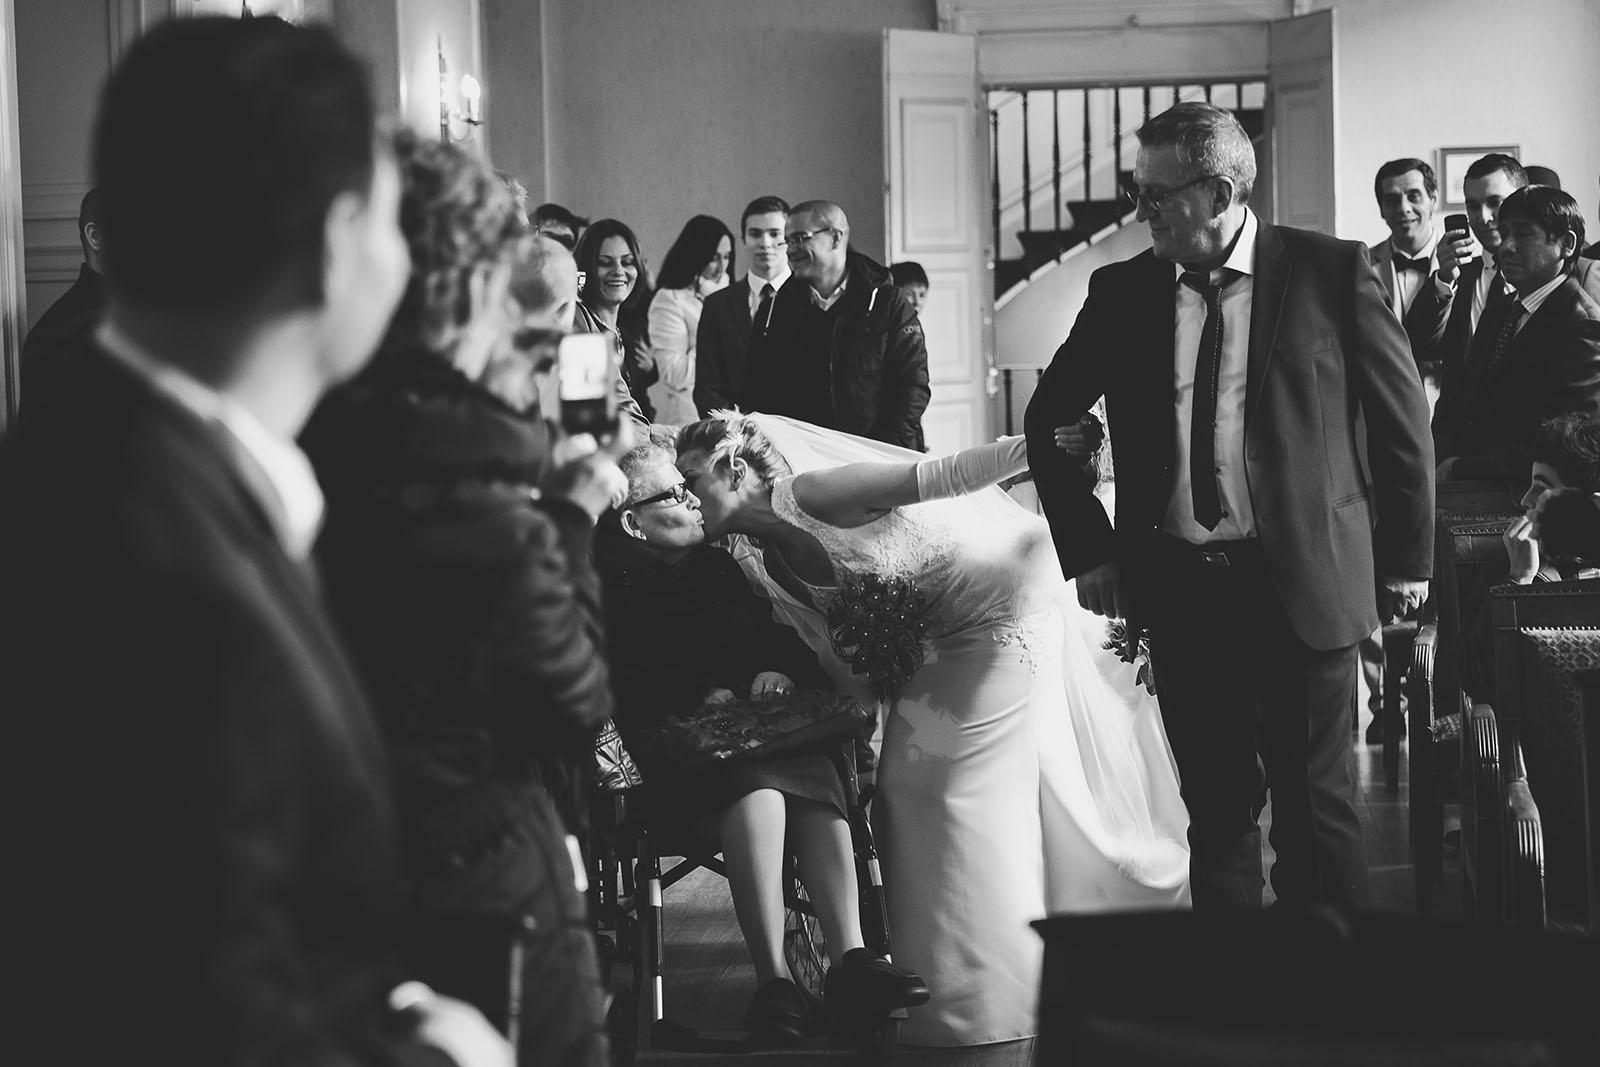 Mariage des souvenirs à transmettre de génération en génération. L'émotion de la mariée qui embrasse sa mamie. David Pommier photographe de mariage Moulins Allier